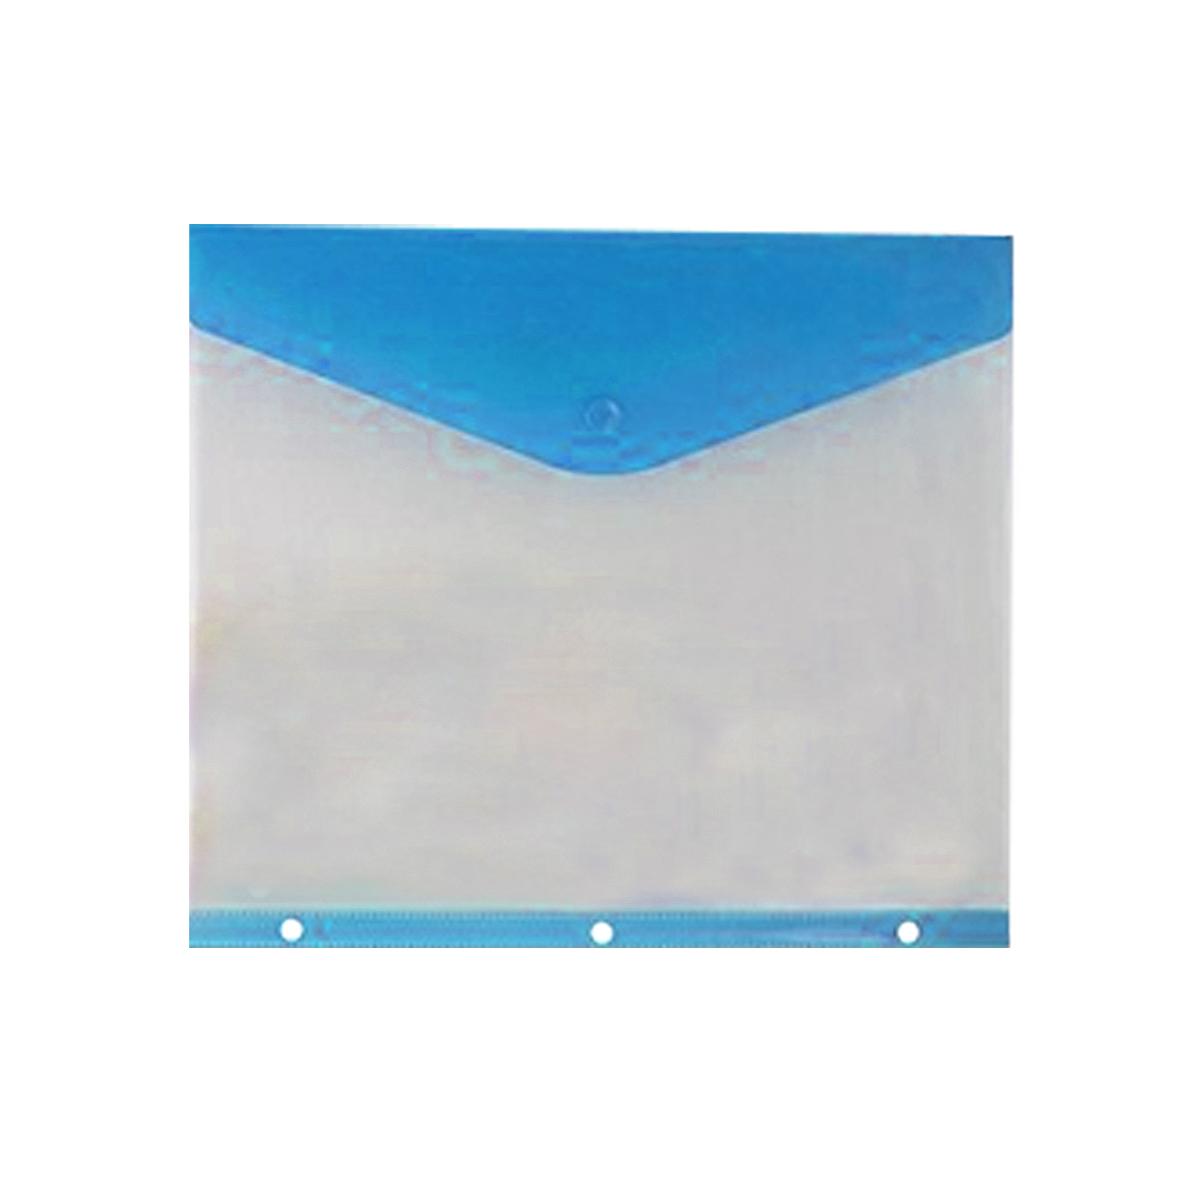 תיק מעטפה KINARY פתח צדדי 11 חורים - כחול